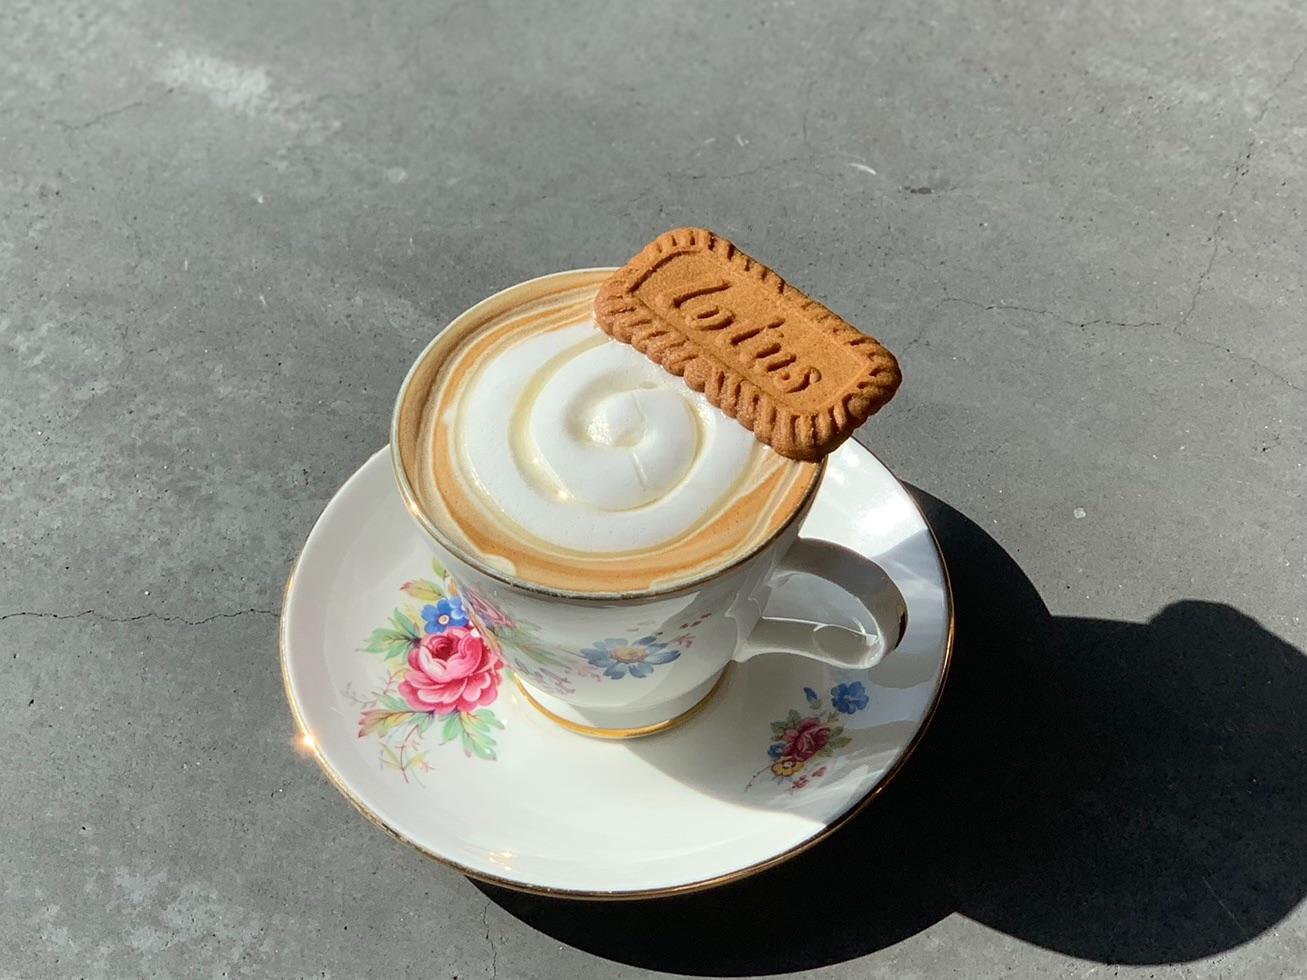 %e9%81%93%e5%be%8c%e7%99%bd%e9%b7%ba%e7%8f%88%e7%90%b2%e6%84%9b%e5%aa%9b-%e3%82%b9%e3%82%a4%e3%83%bc%e3%83%84-shirasagi-coffee-desserts-ehime-%e6%84%9b%e5%aa%9b%e7%8f%88%e7%90%b2%e7%94%98%e5%93%816-2